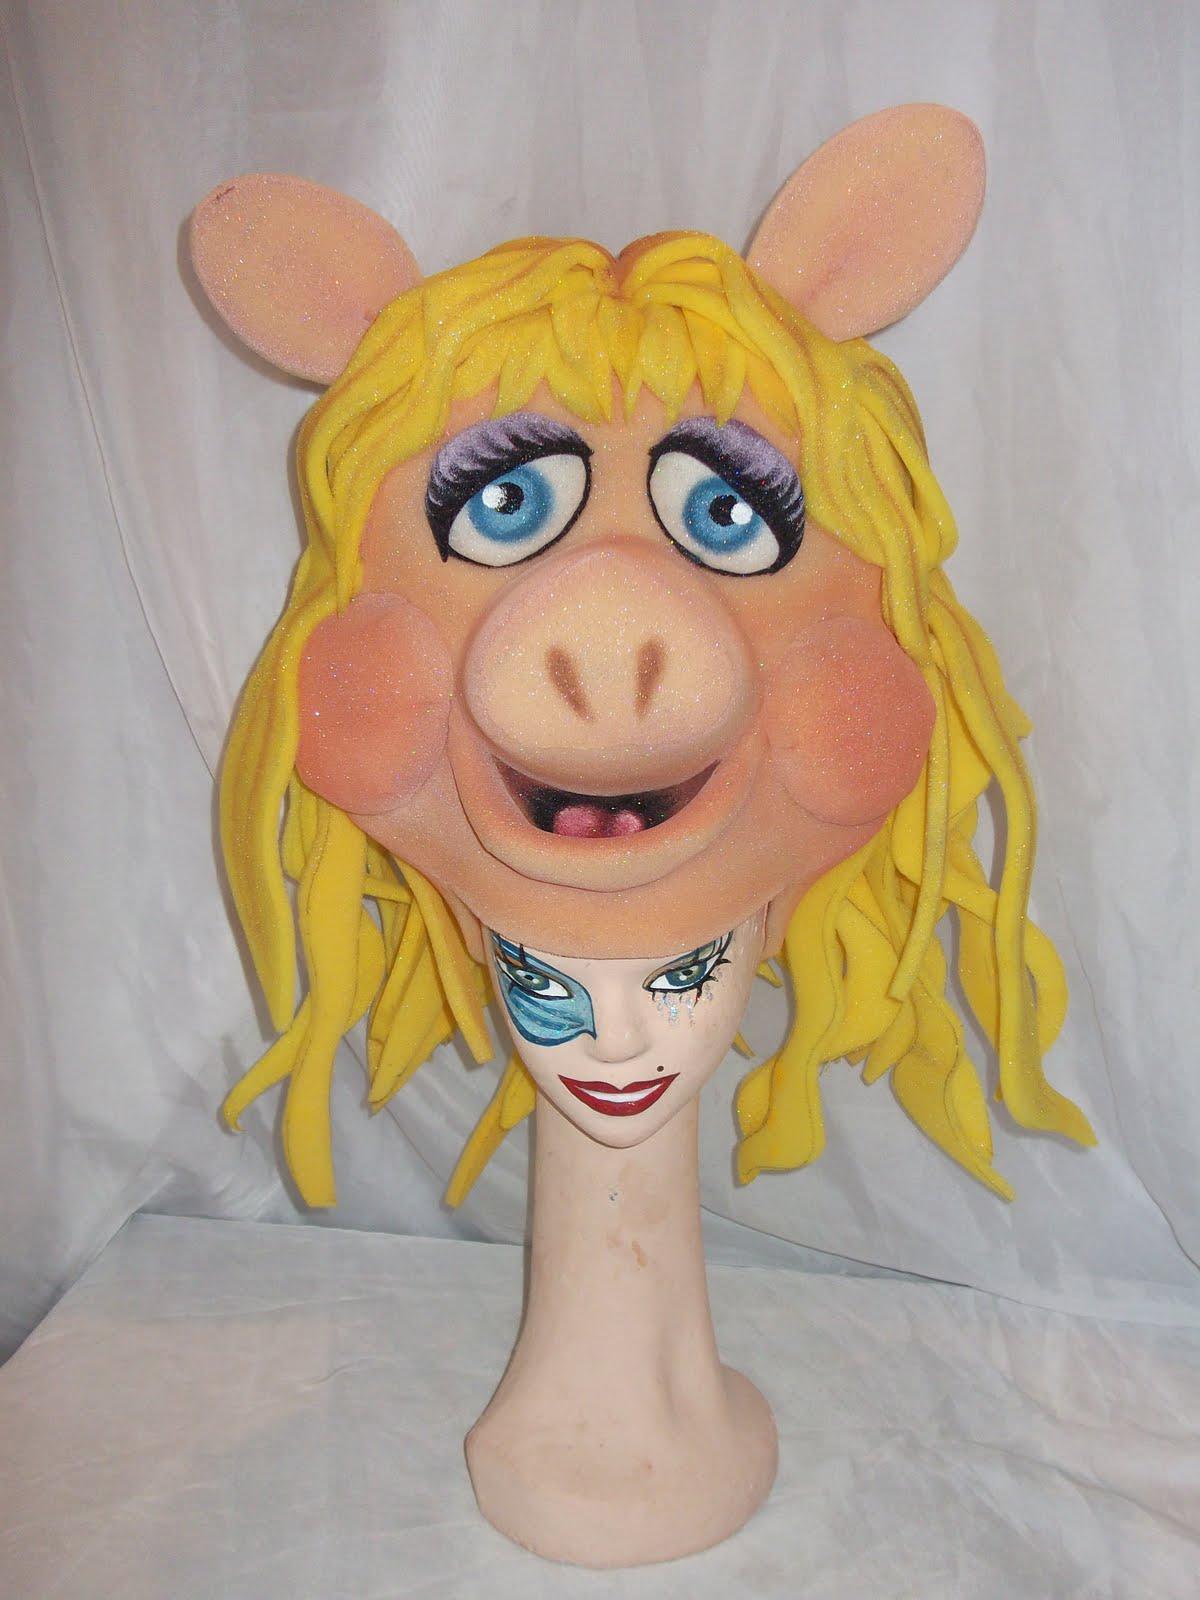 Gorro de goma espuma de Mss Piggy